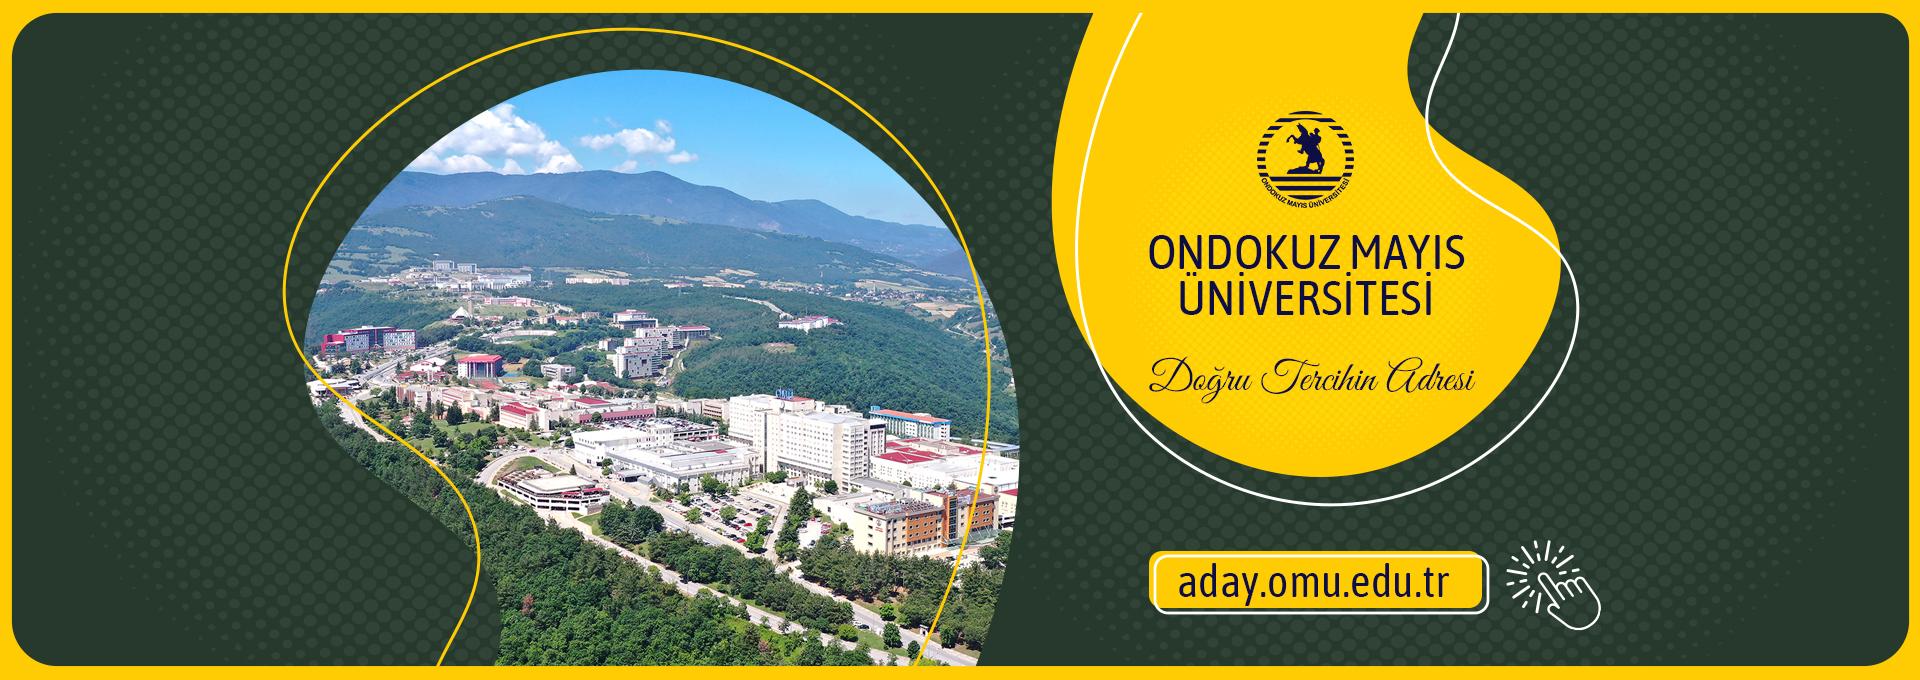 Üniversite Adaylarına Yönelik Web Adresi Hazırlandı